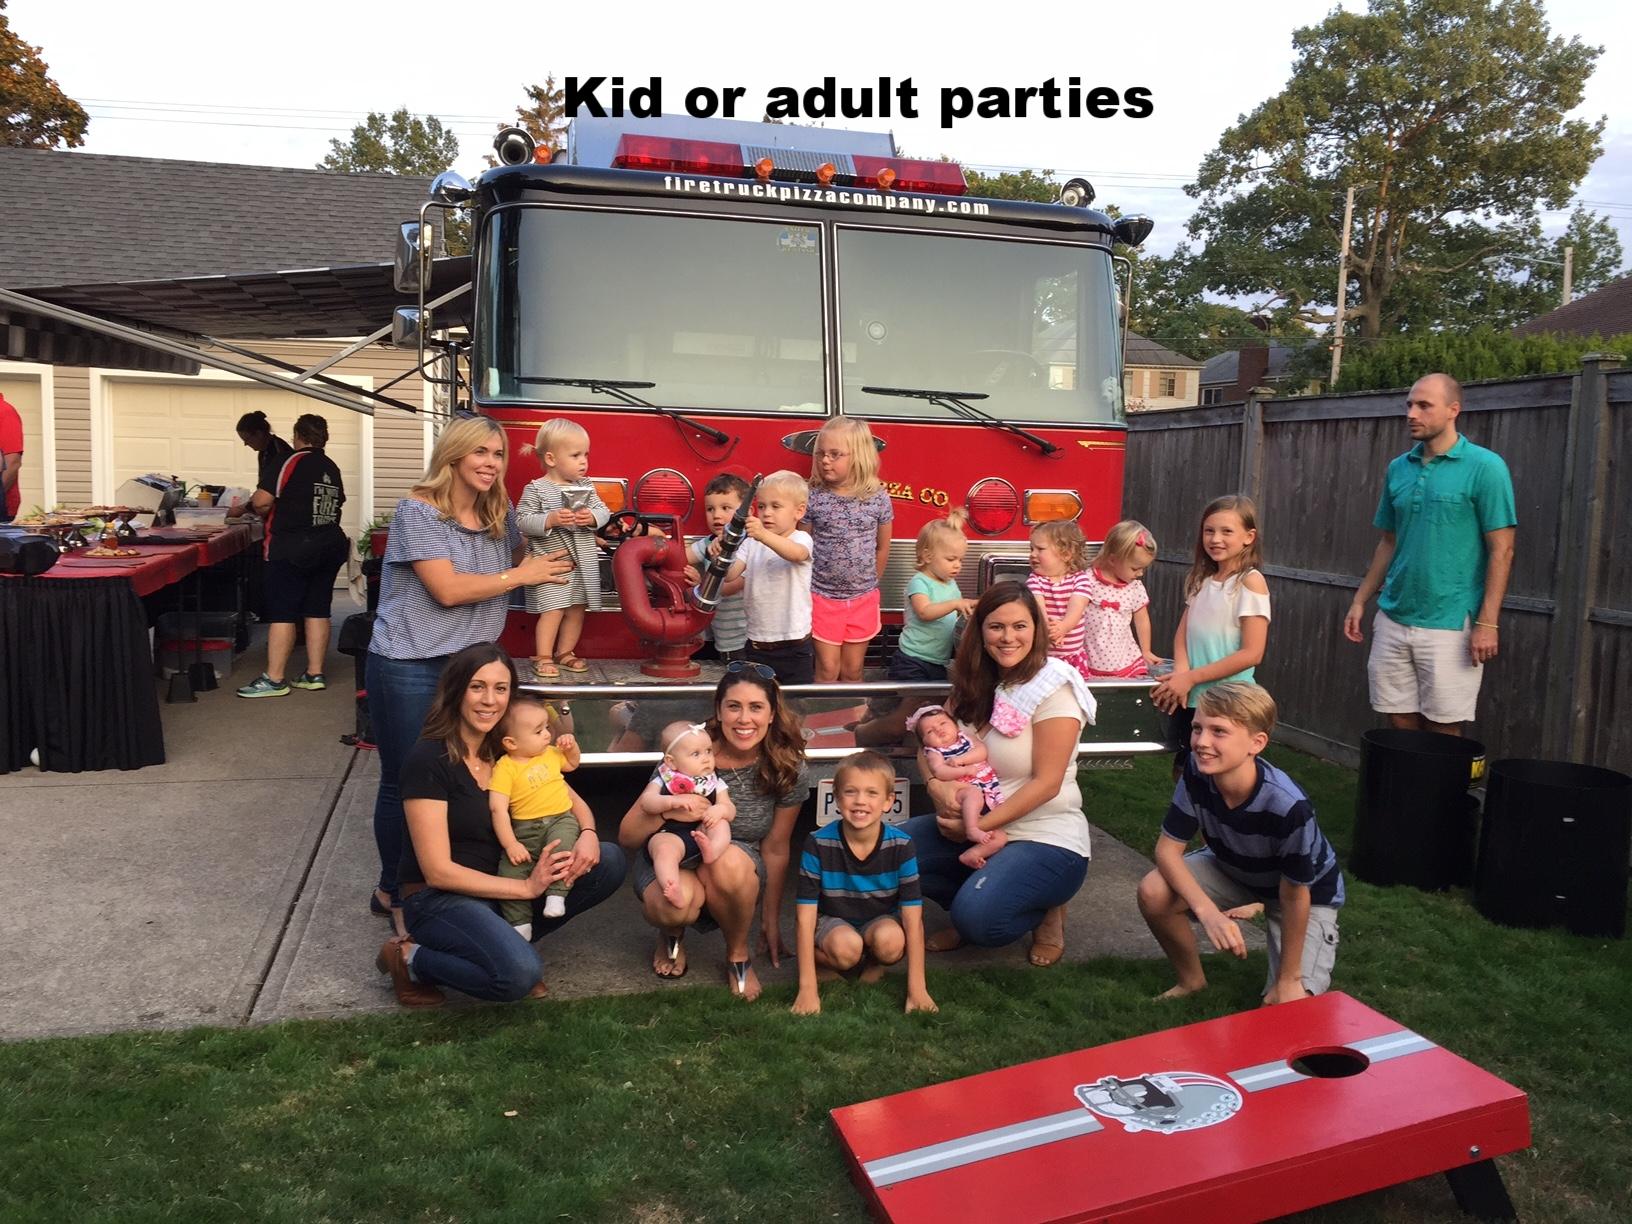 Adult or kid parties